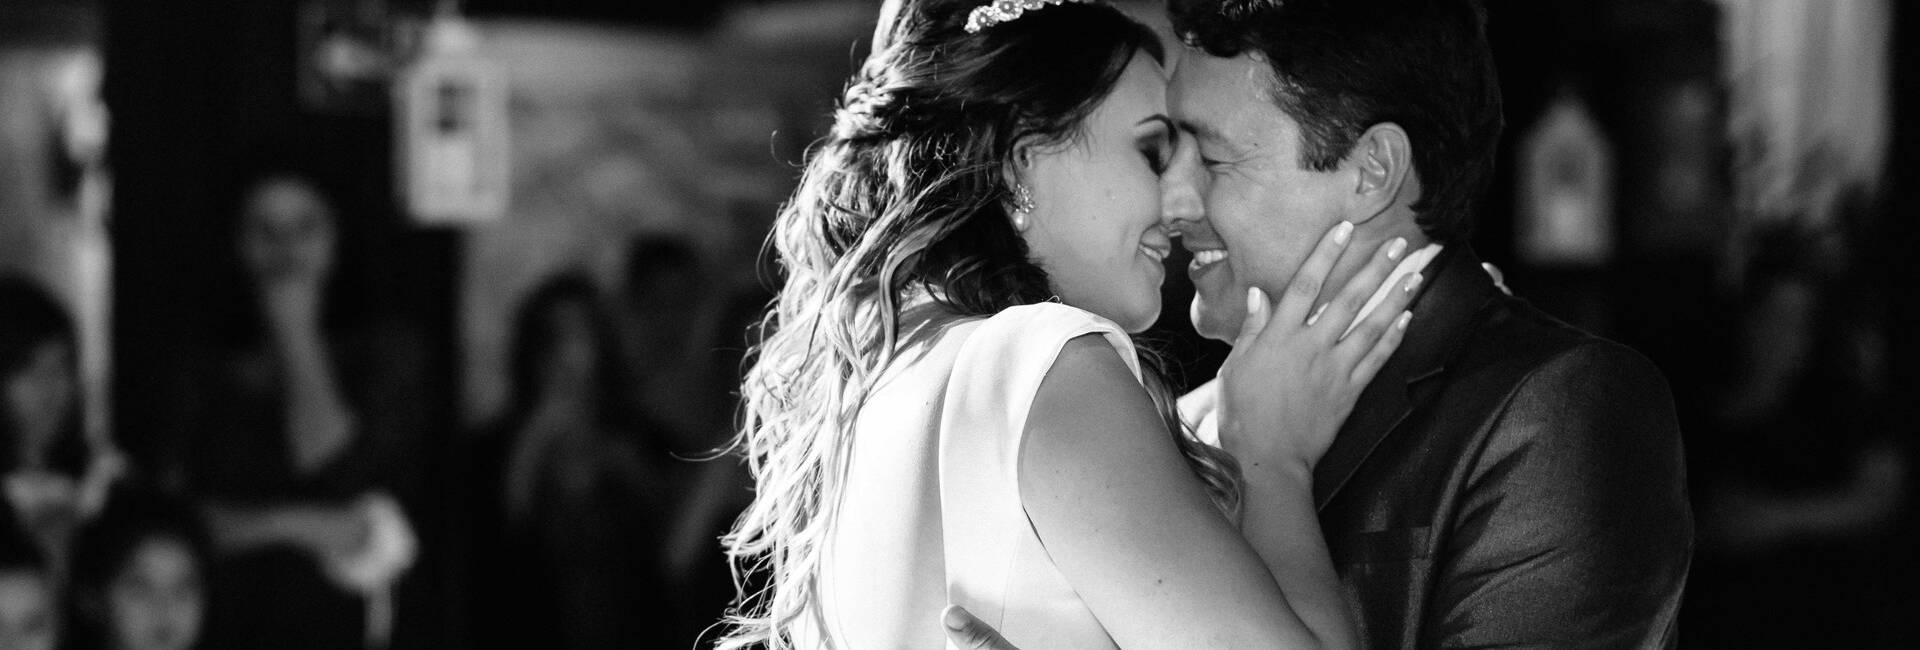 Wedding de Maria a & Marcio